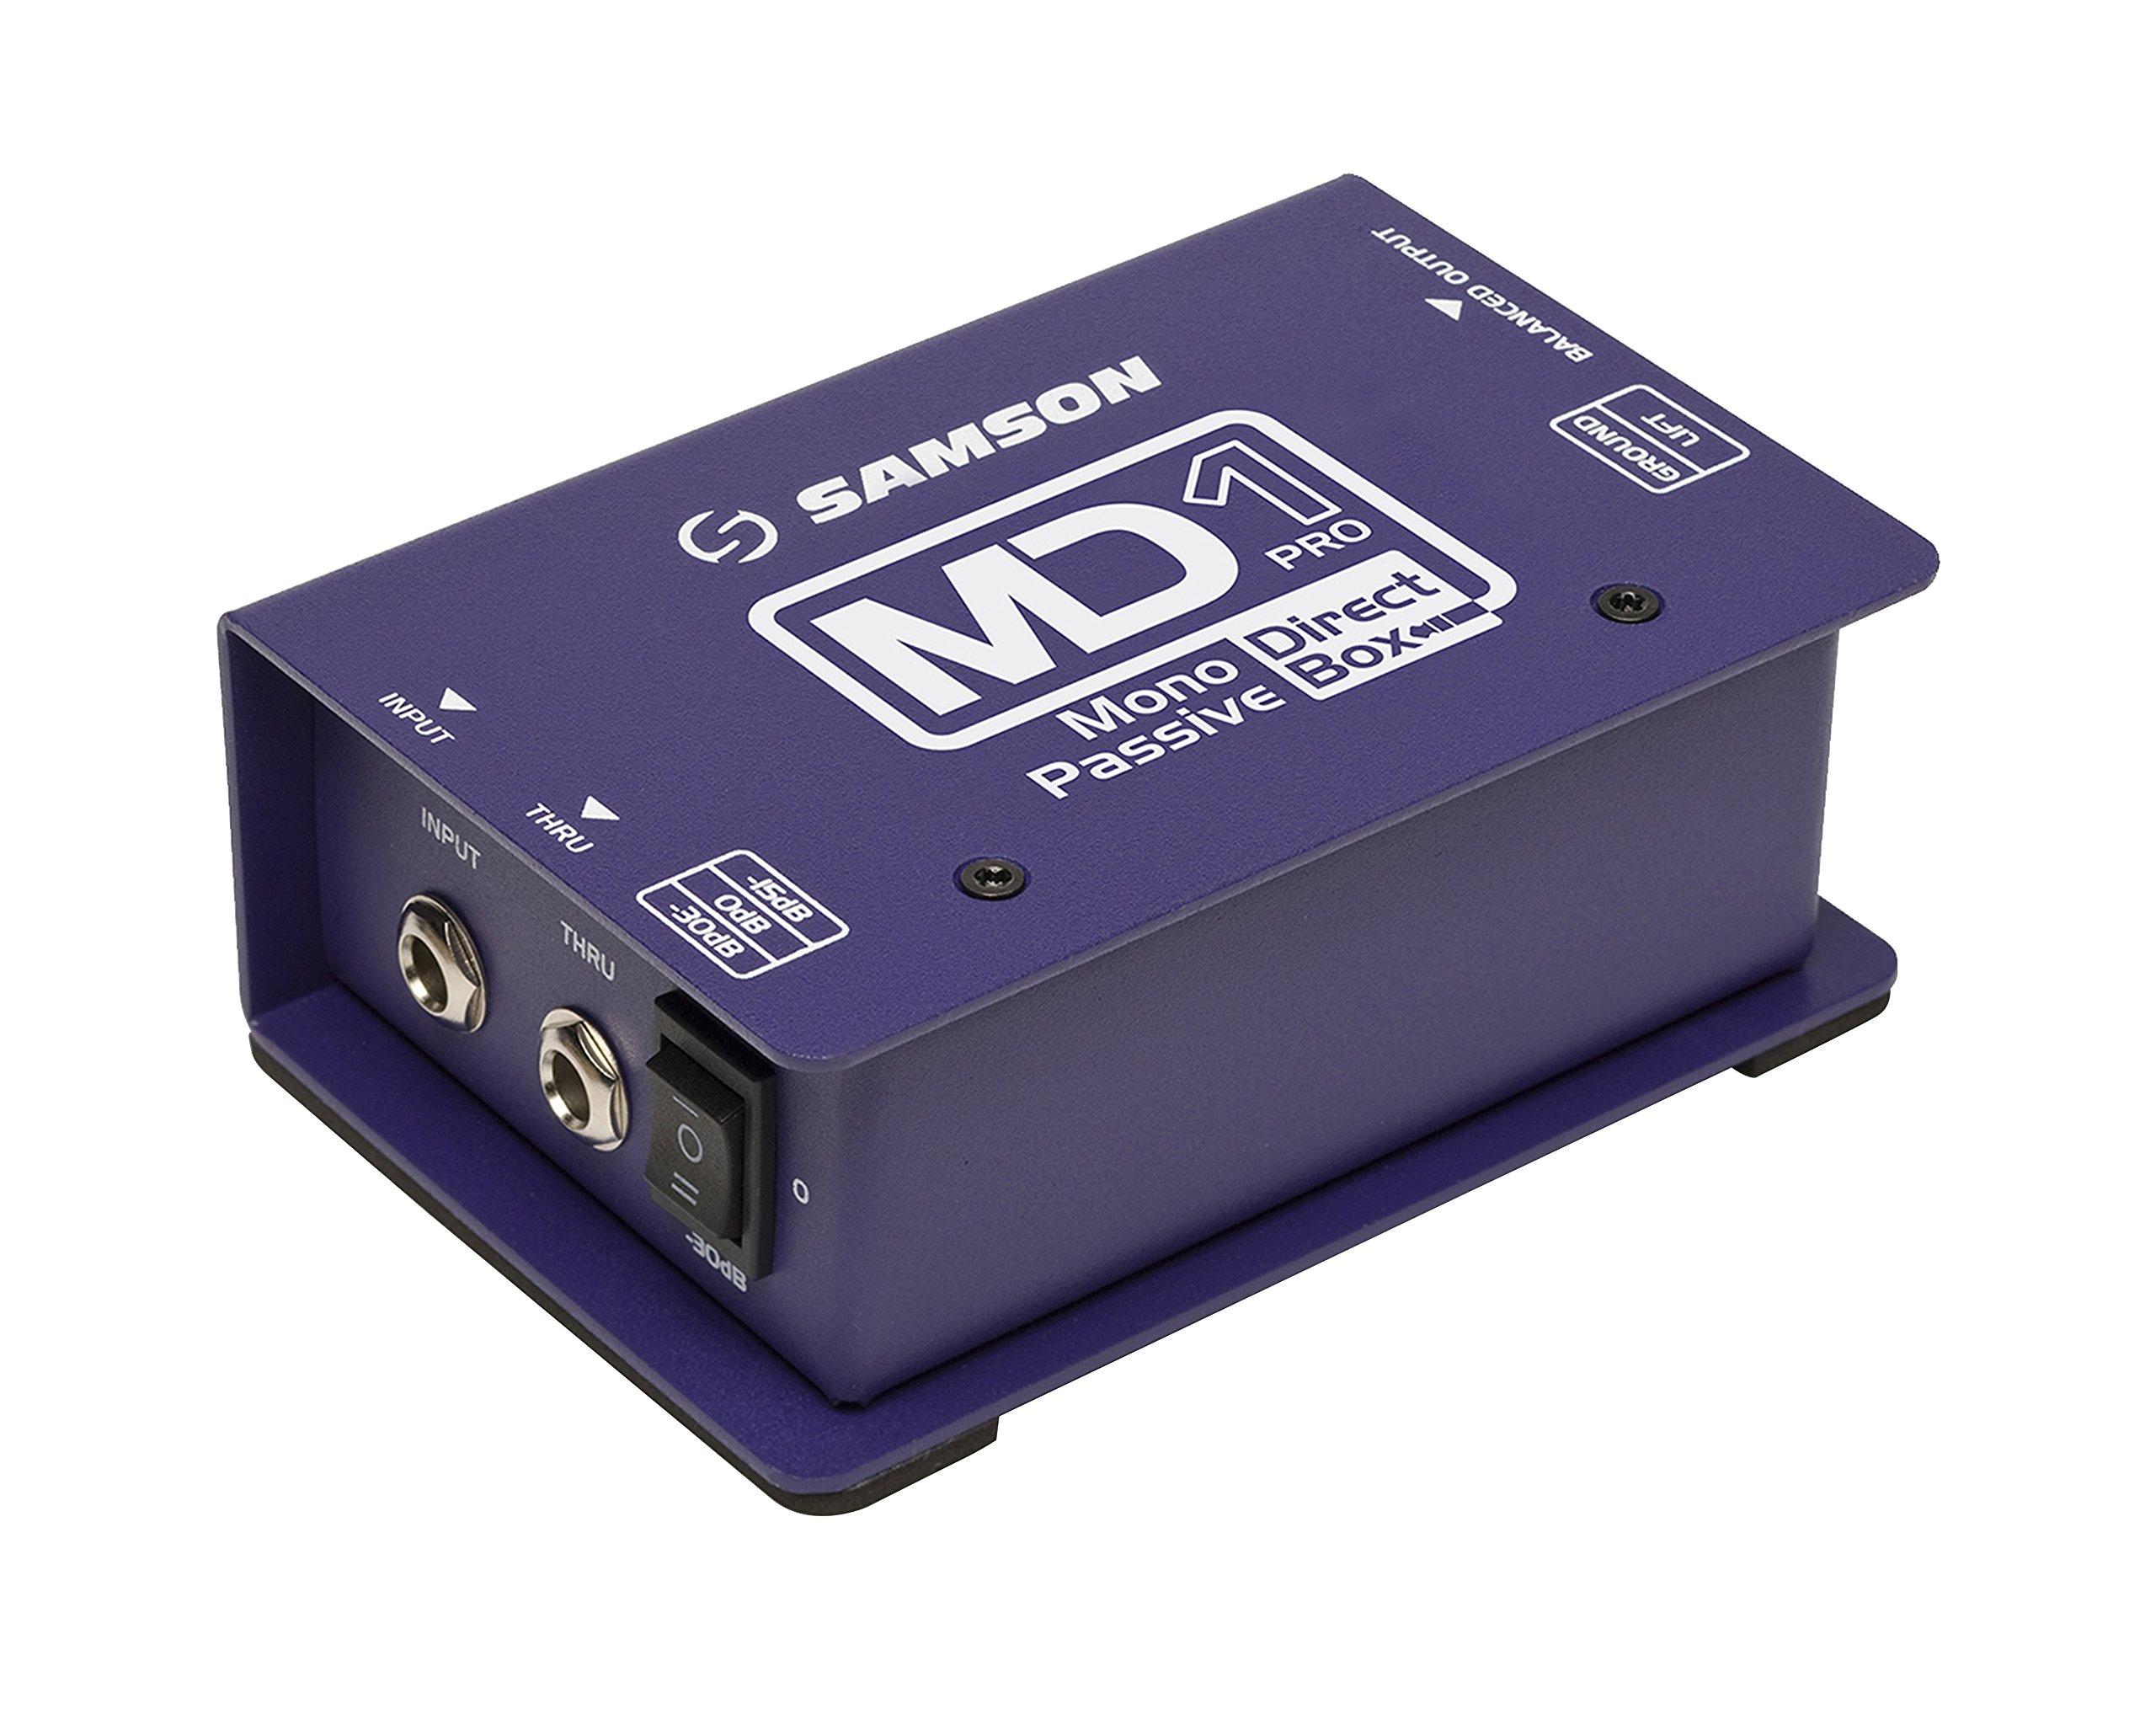 Samson MD1 Pro Professional Mono Passive Direct Box